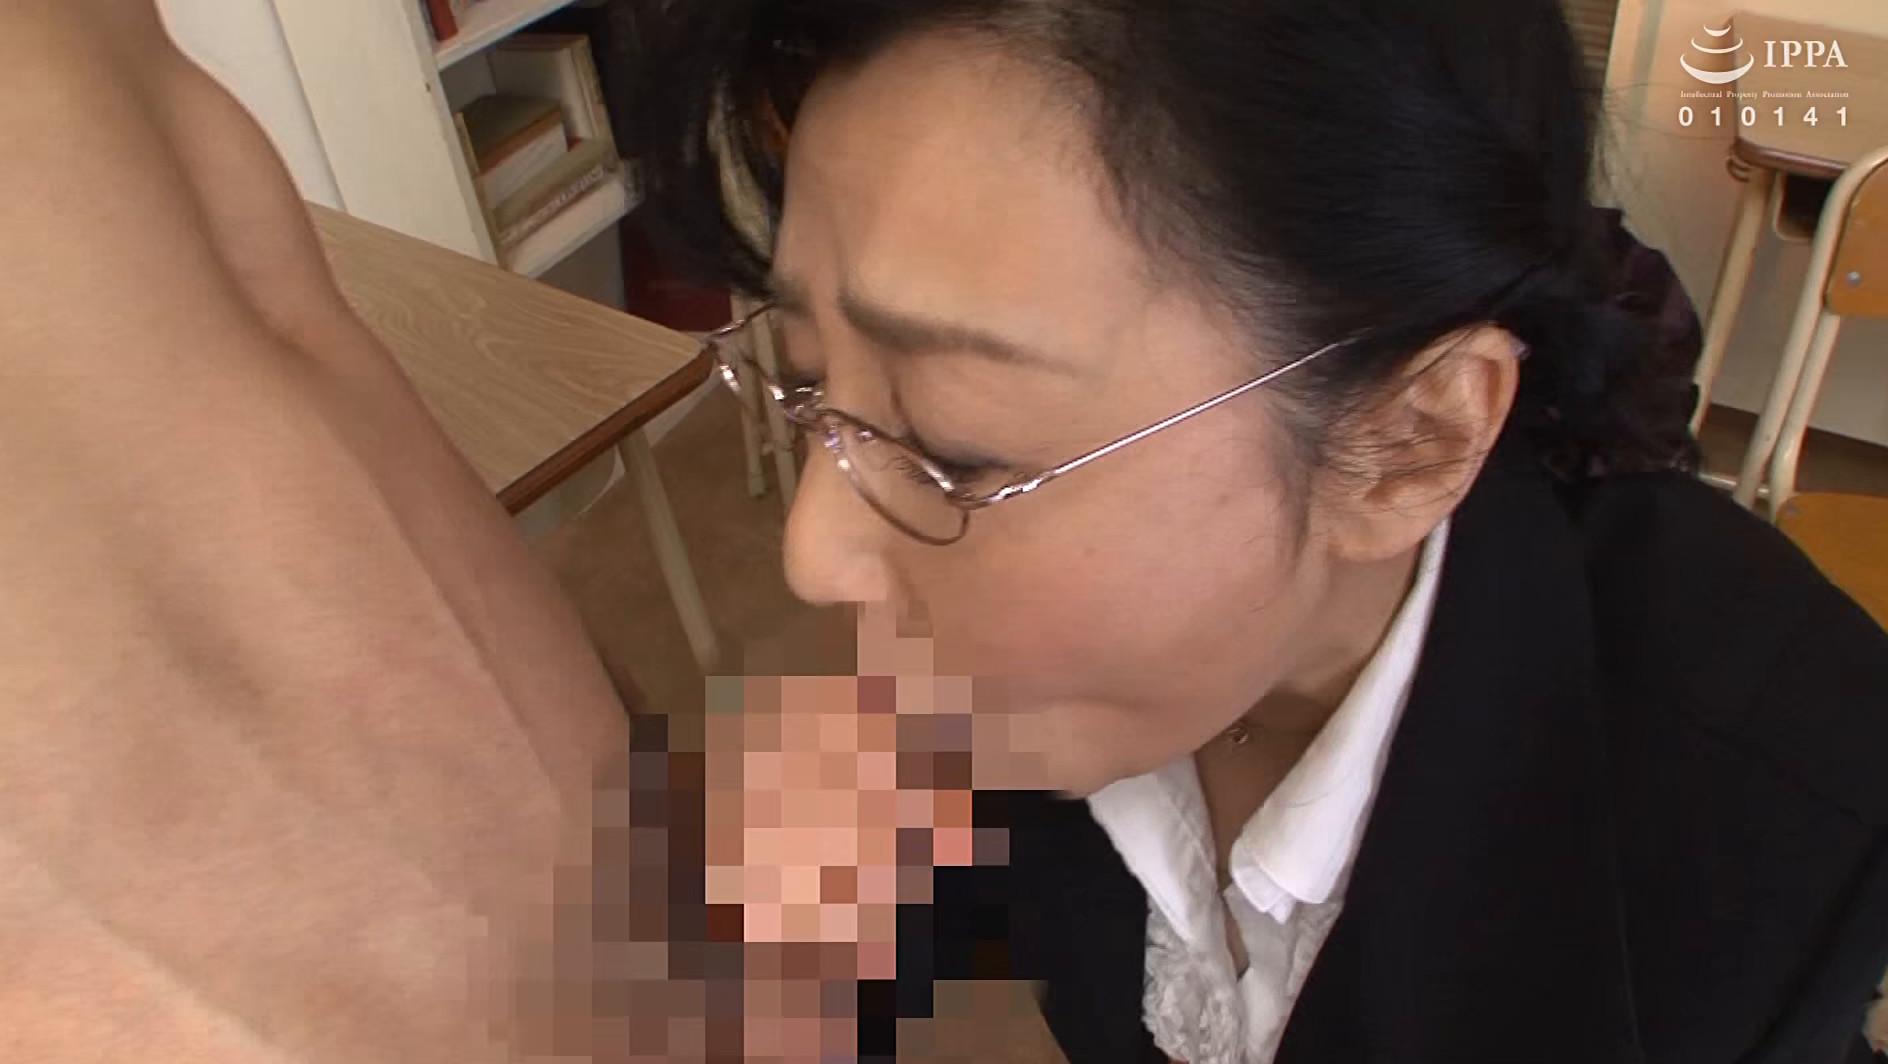 校内で1発!!学業のストレスを熟女教師の口内発射フェラですっきり解消!! 30人4時間